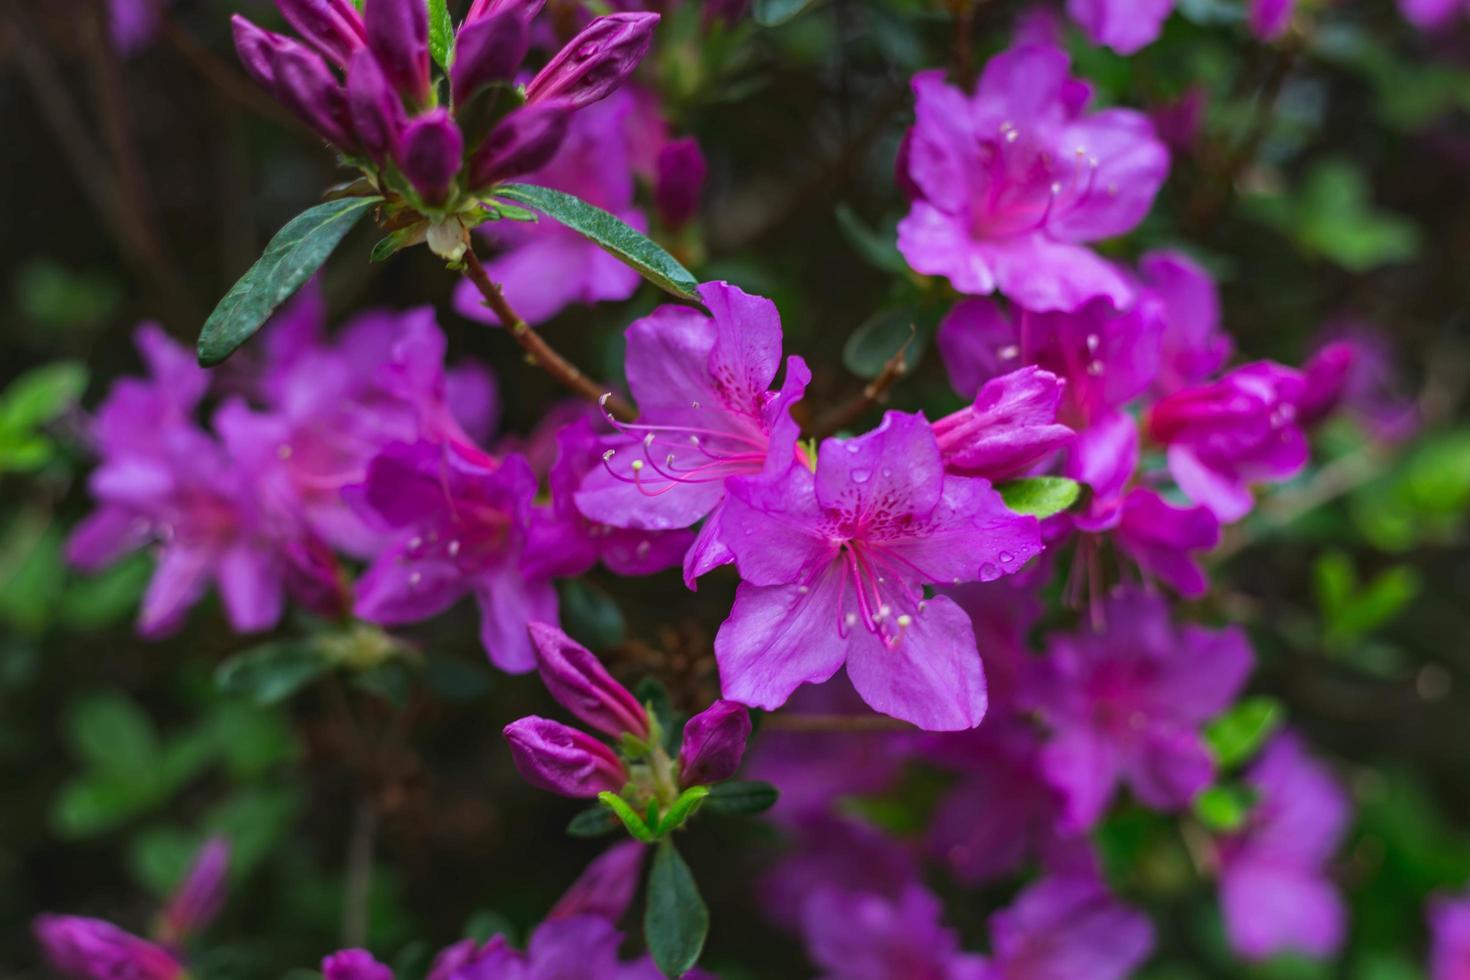 fleurs violettes en fleurs photo